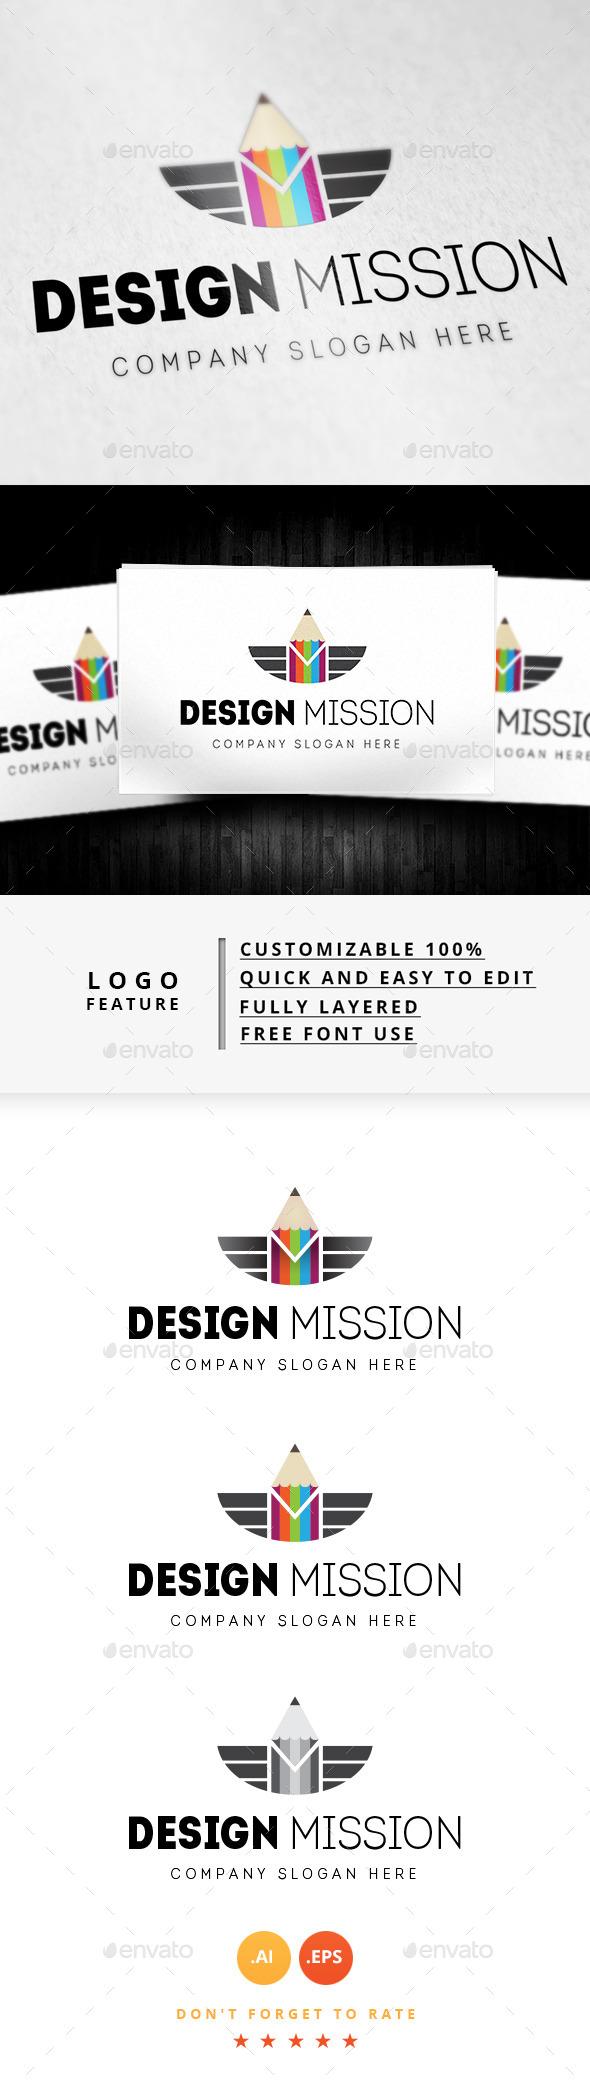 GraphicRiver Design Mission Logo 8915839